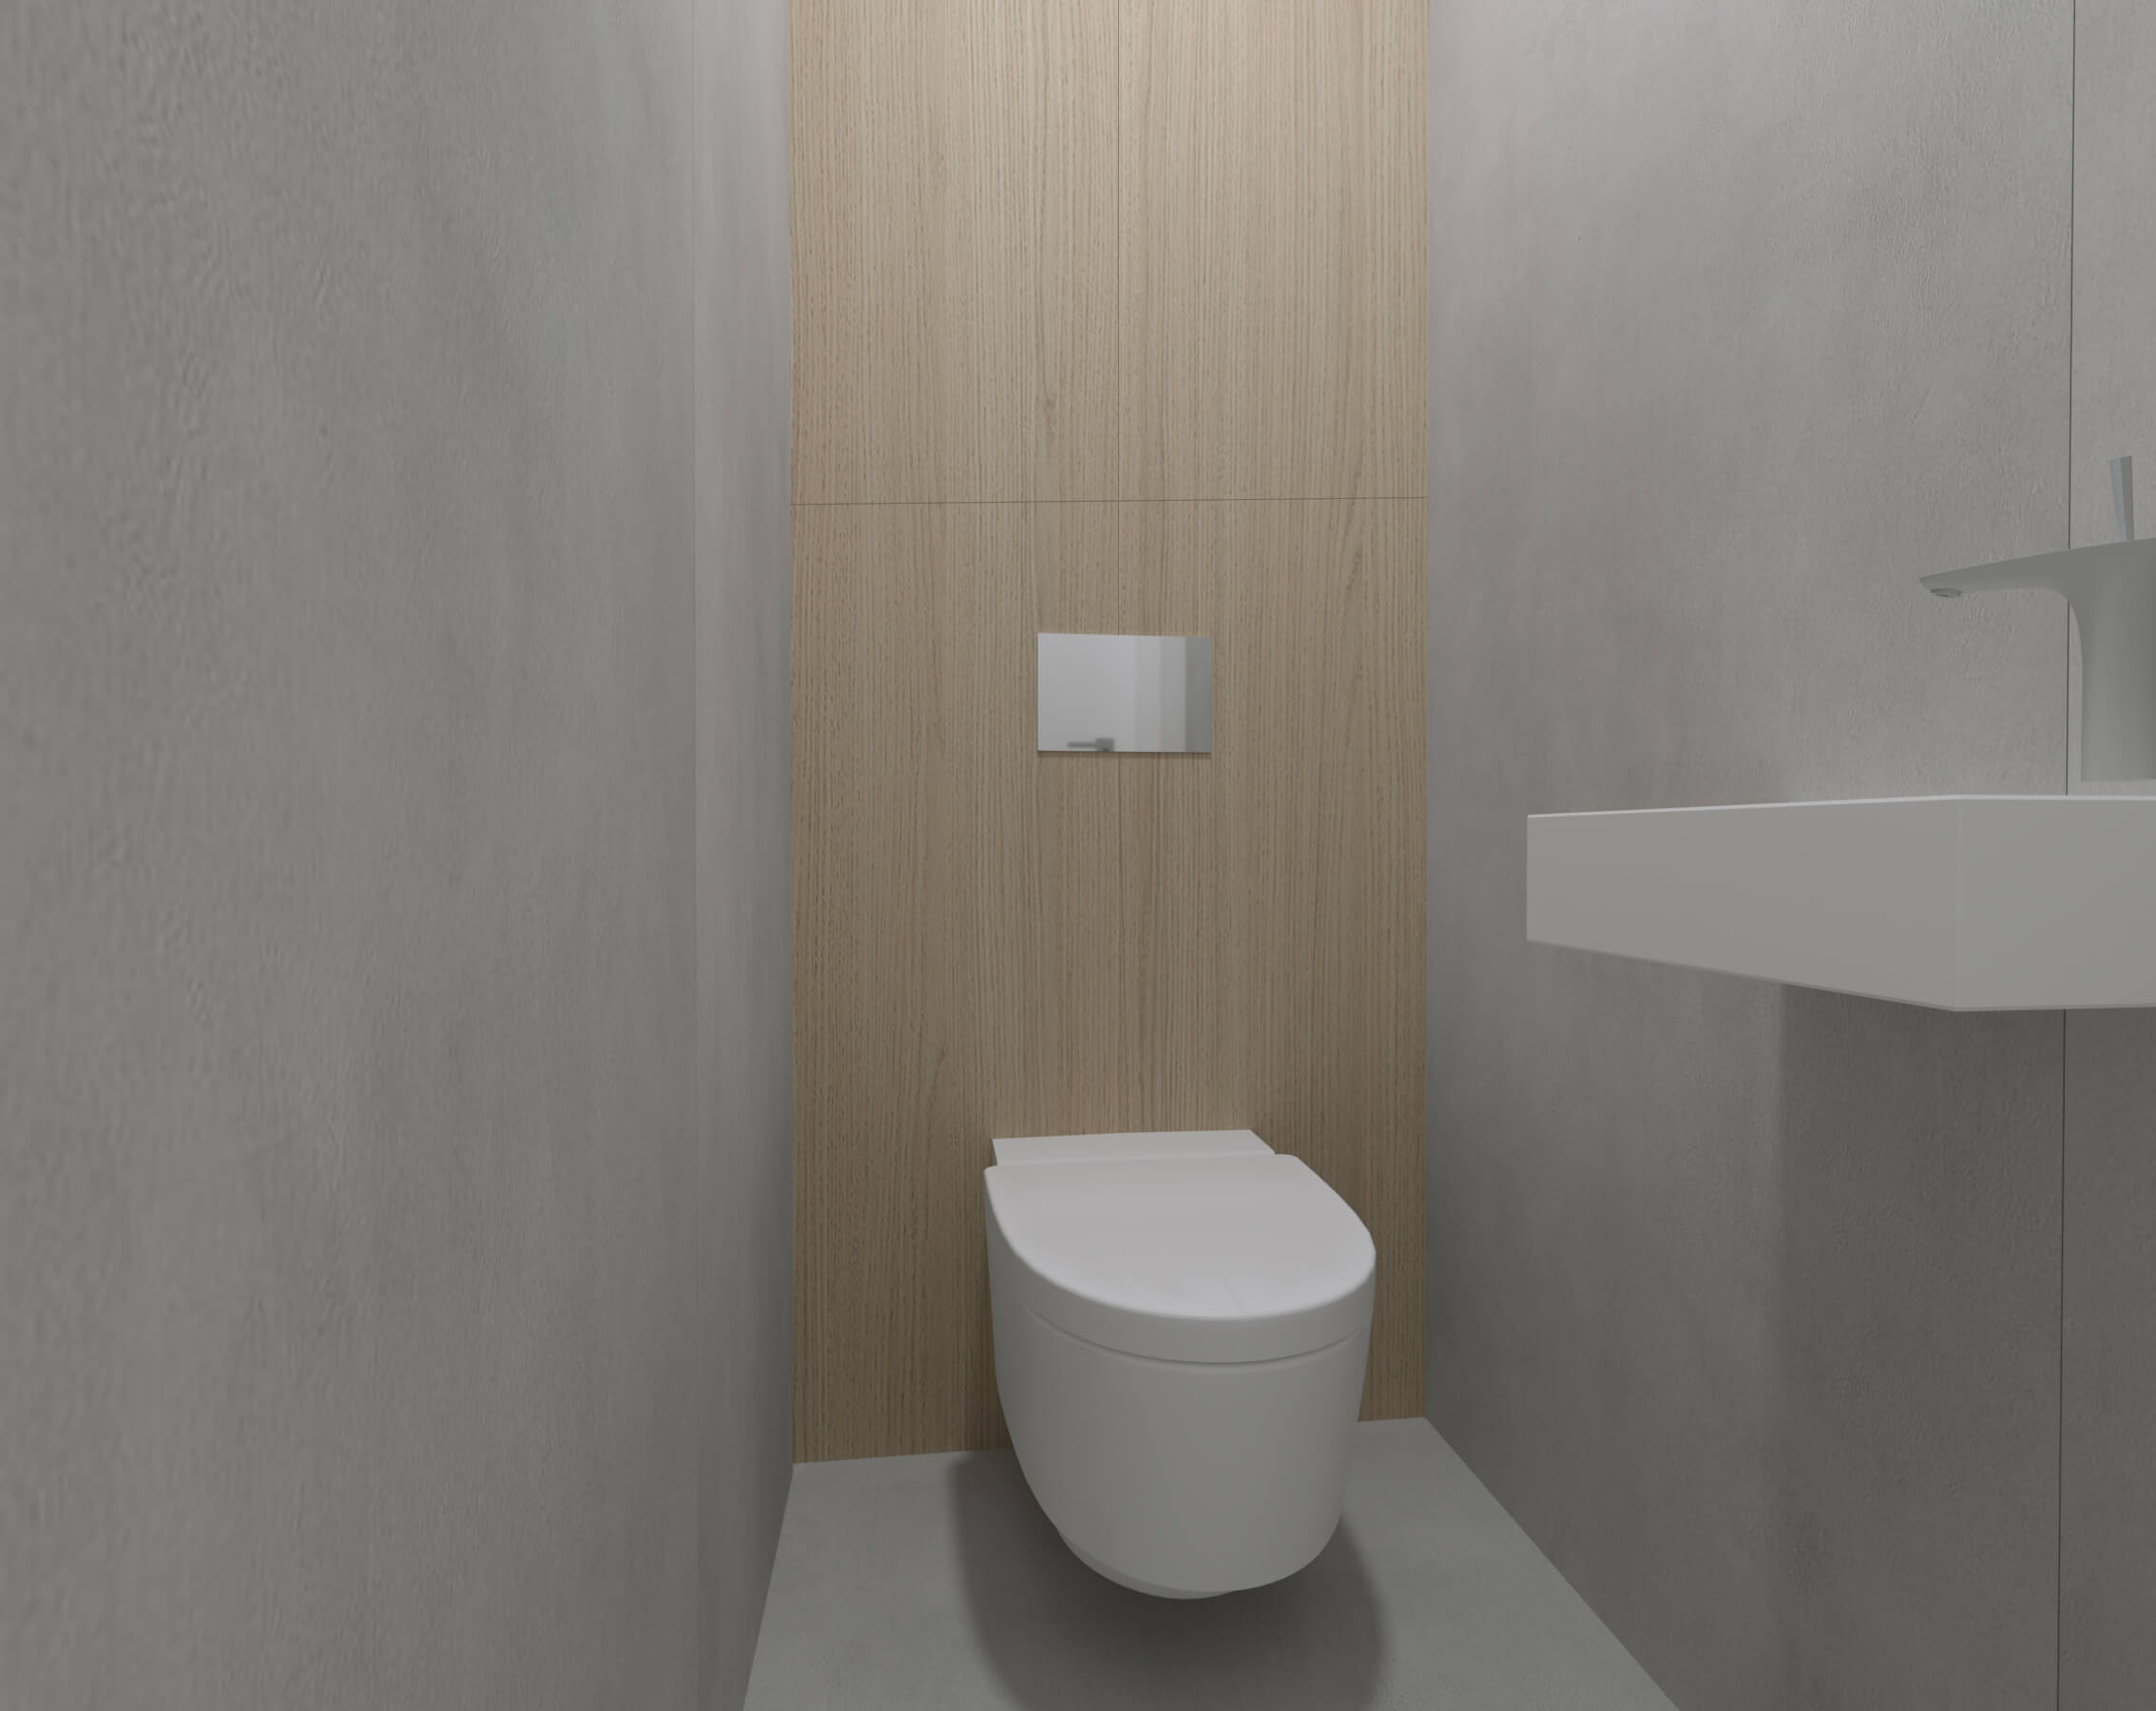 interierovy dizajn toaleta - projekt, vizualizácia